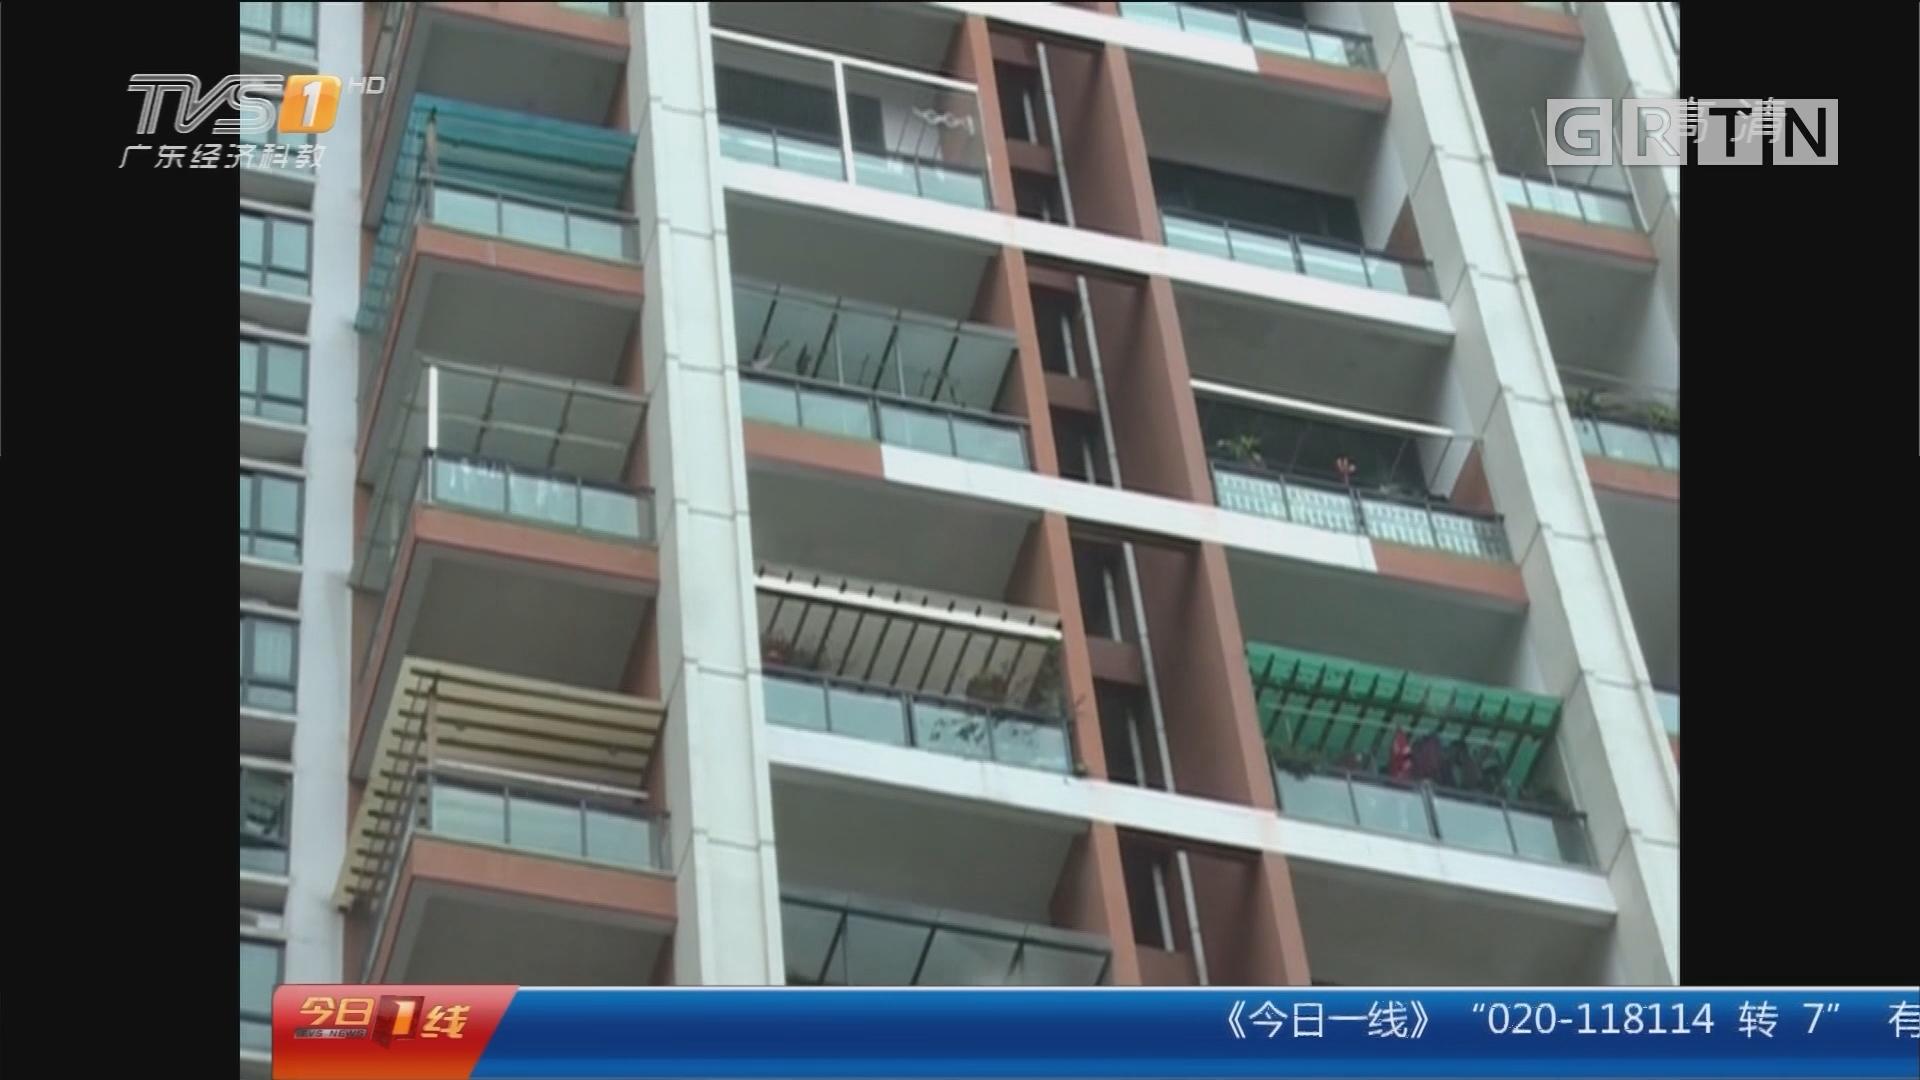 深圳:租期未到房产被拍卖 租客遭反锁屋内